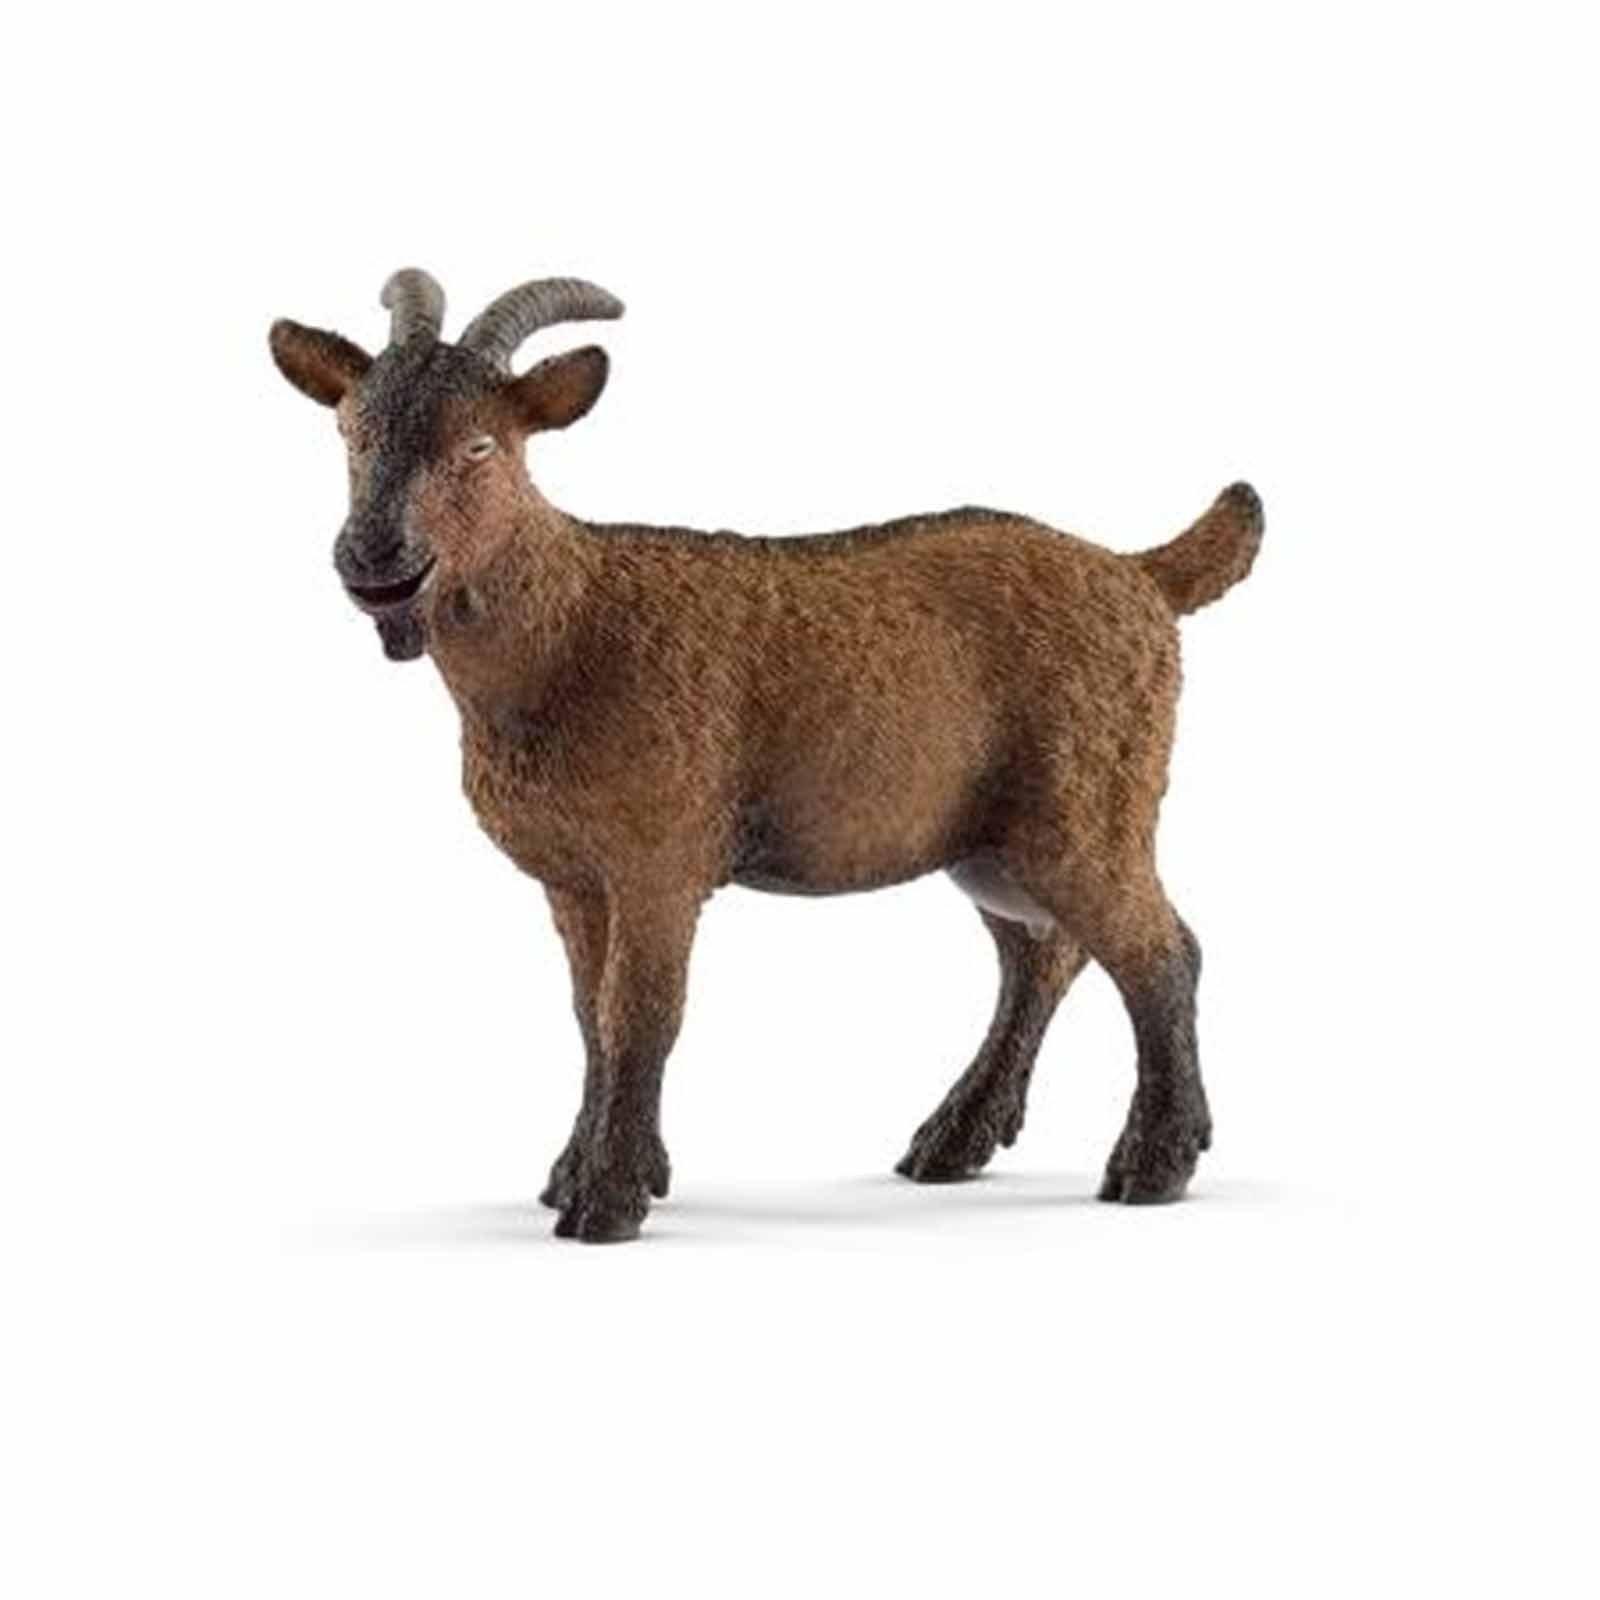 5 Schleich Toys Farm Animals